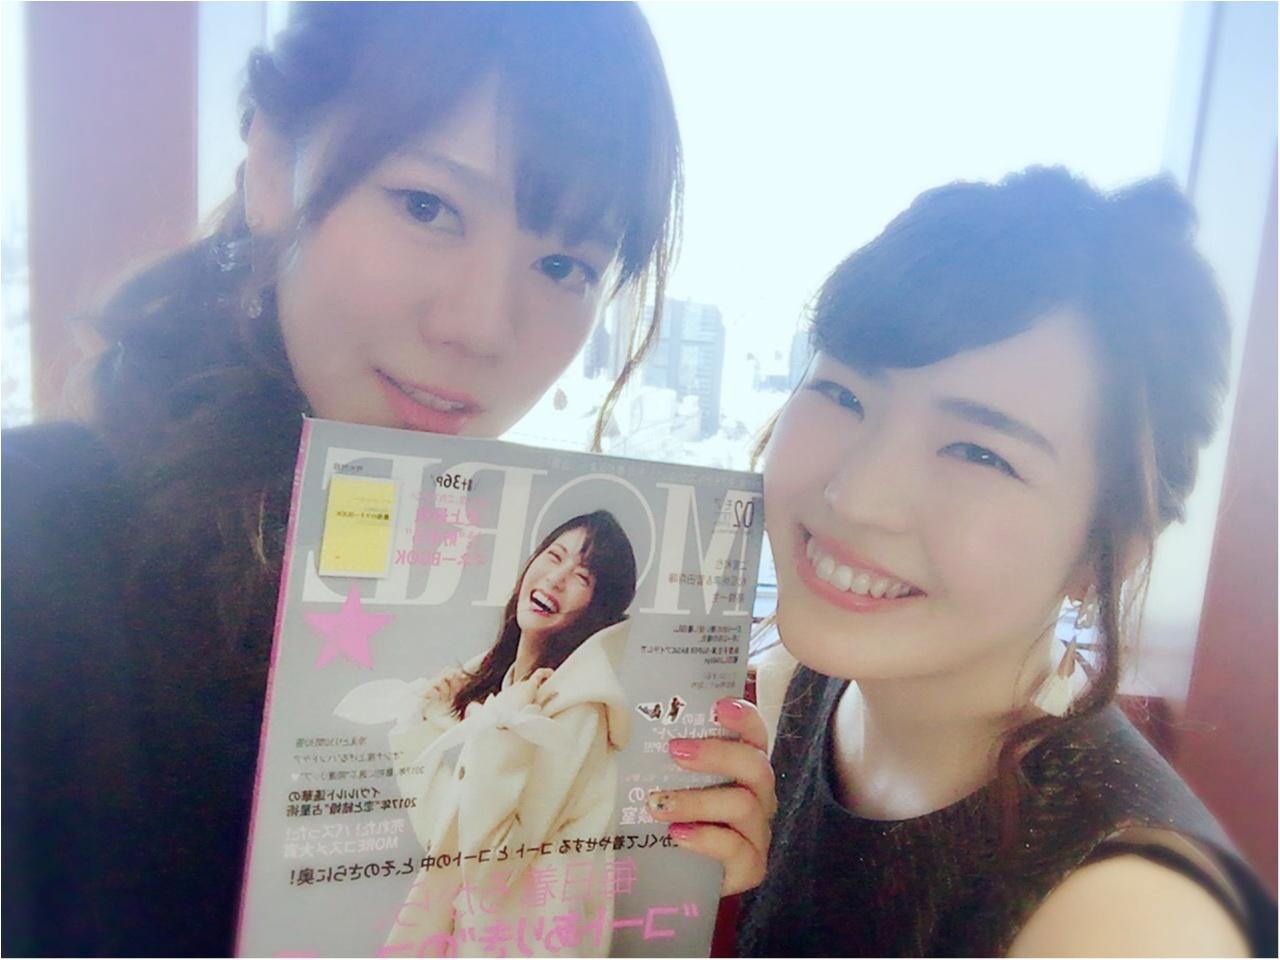 【MORE大女子会】読めばあなたもキラキラ!?♡パークハイアット東京で夢のよな素敵時間レポート!_10